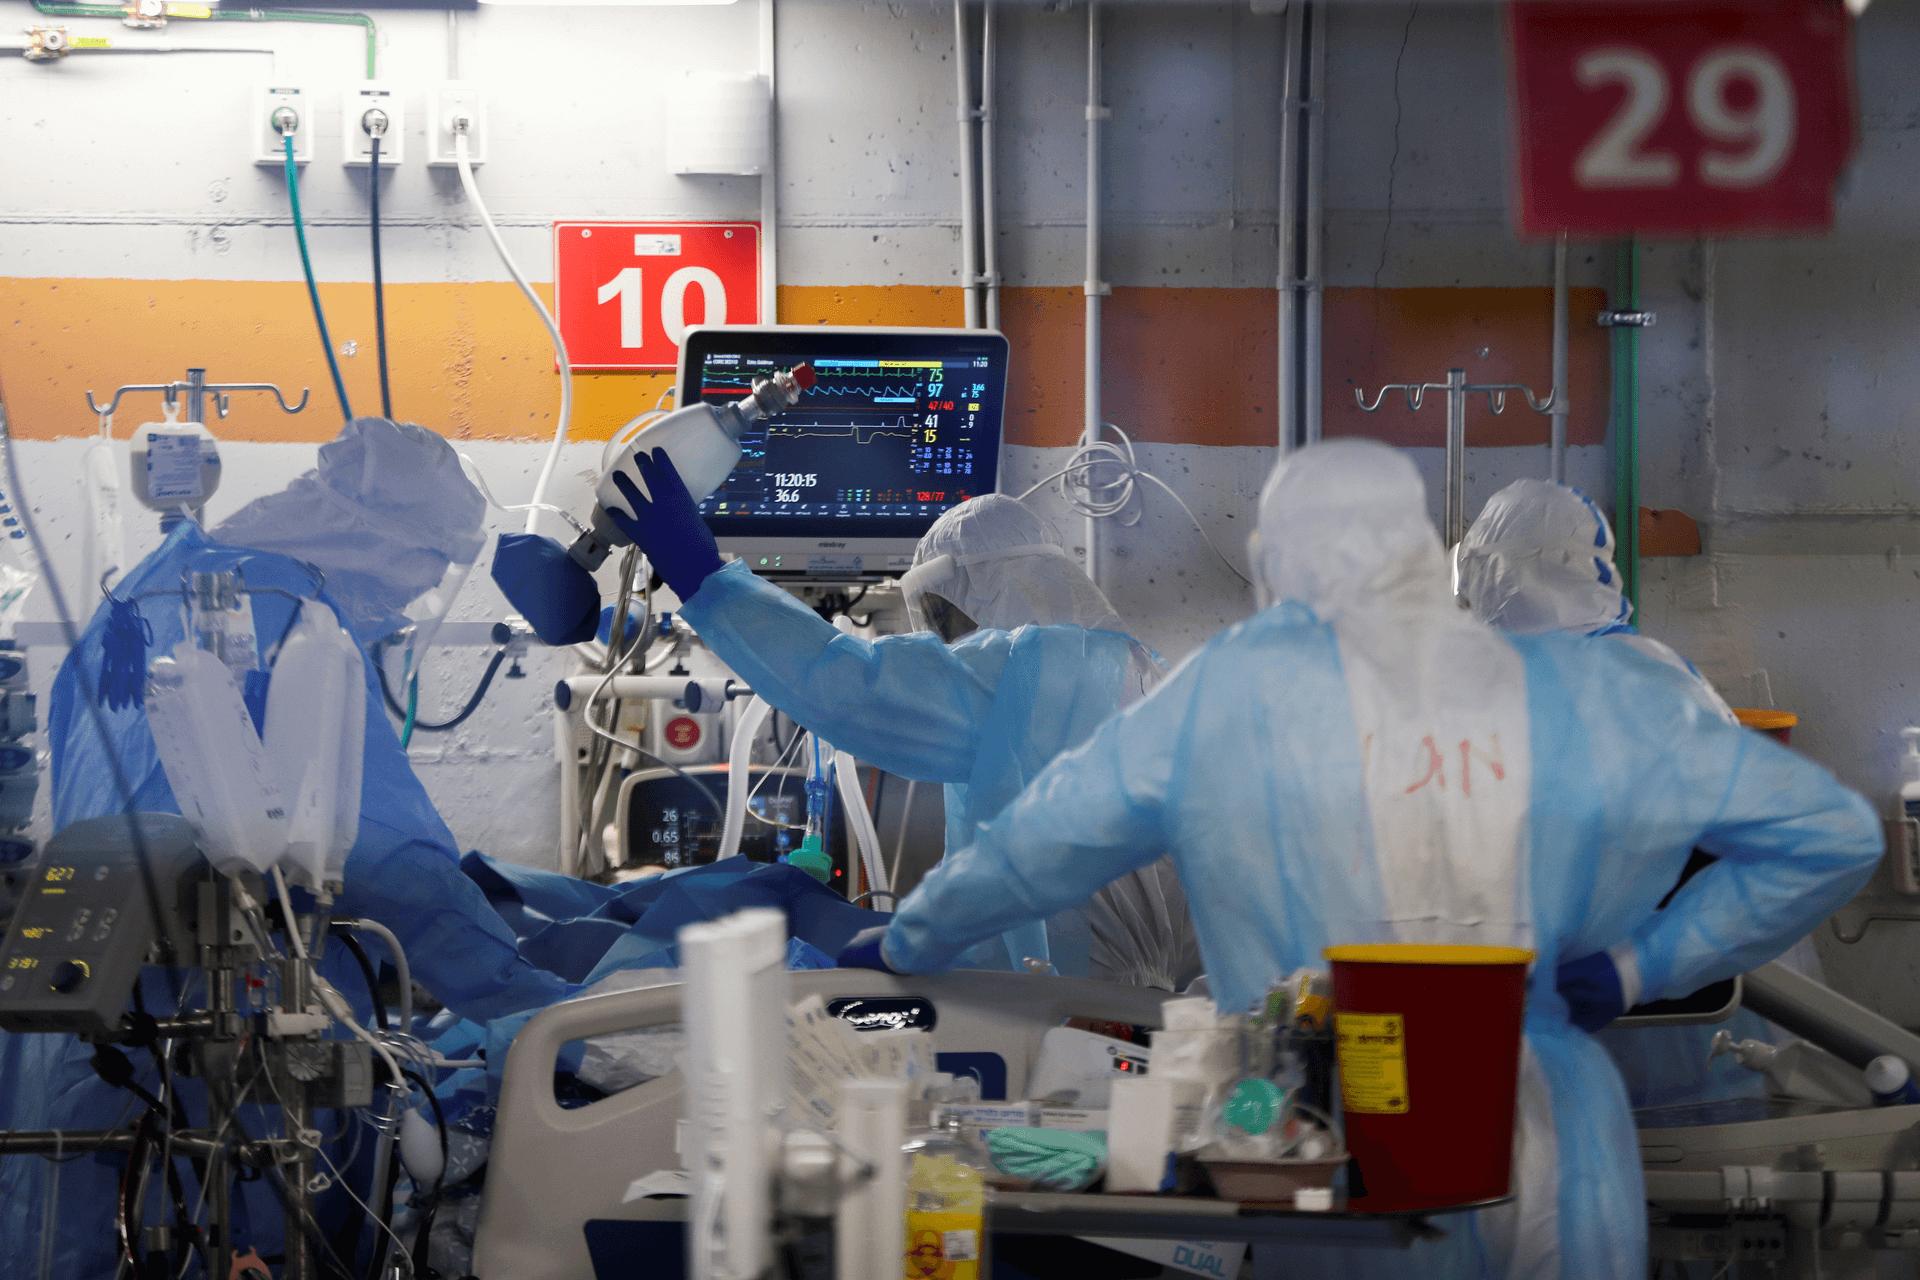 מצב חירום במחלקת קורונה במרכז הרפואי שיבא החודש. צילום: רויטרס